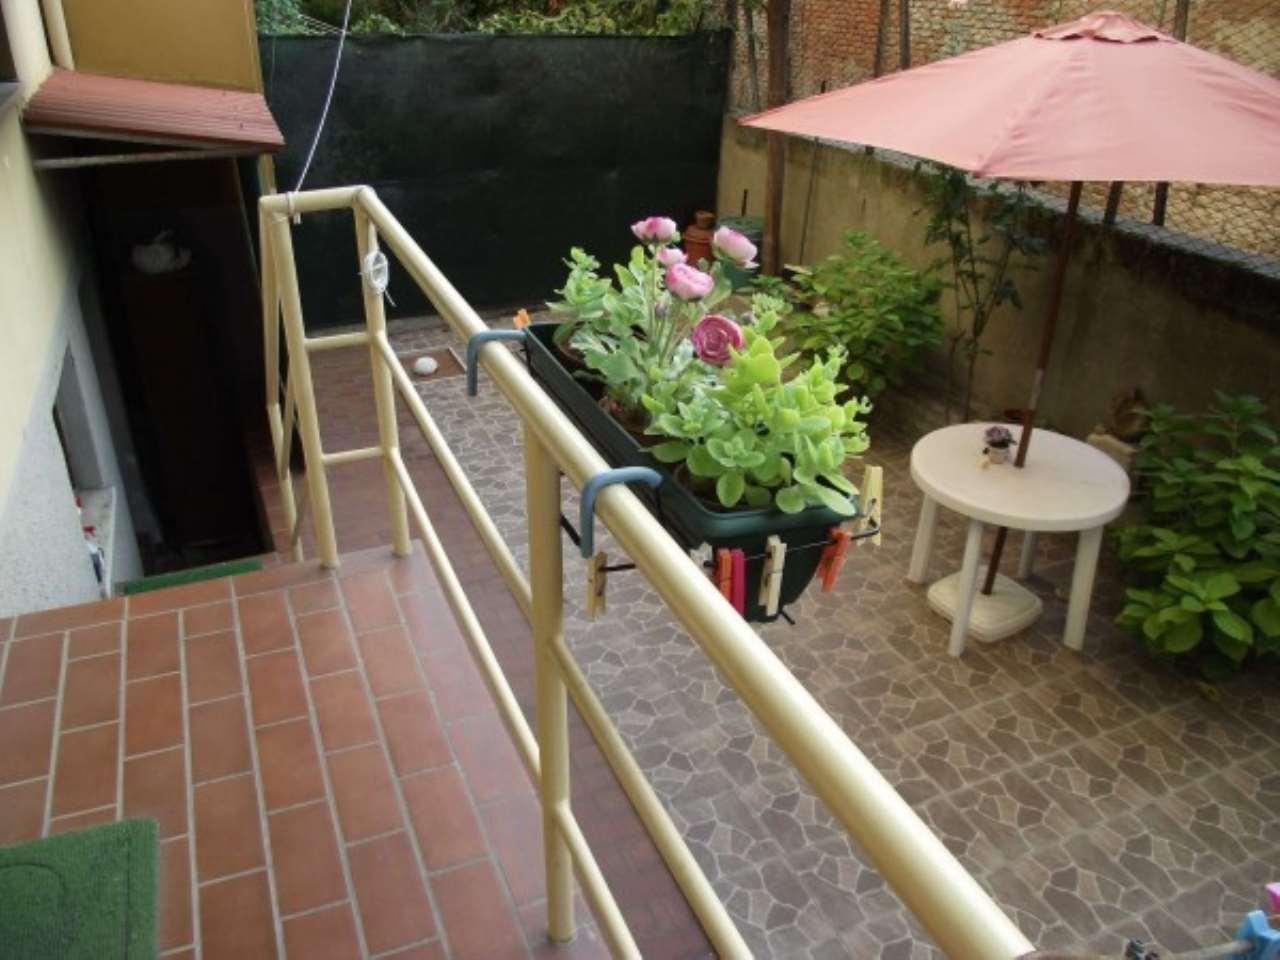 Appartamento in vendita a Venezia, 5 locali, zona Zona: 6 . Dorsoduro, prezzo € 540.000 | CambioCasa.it